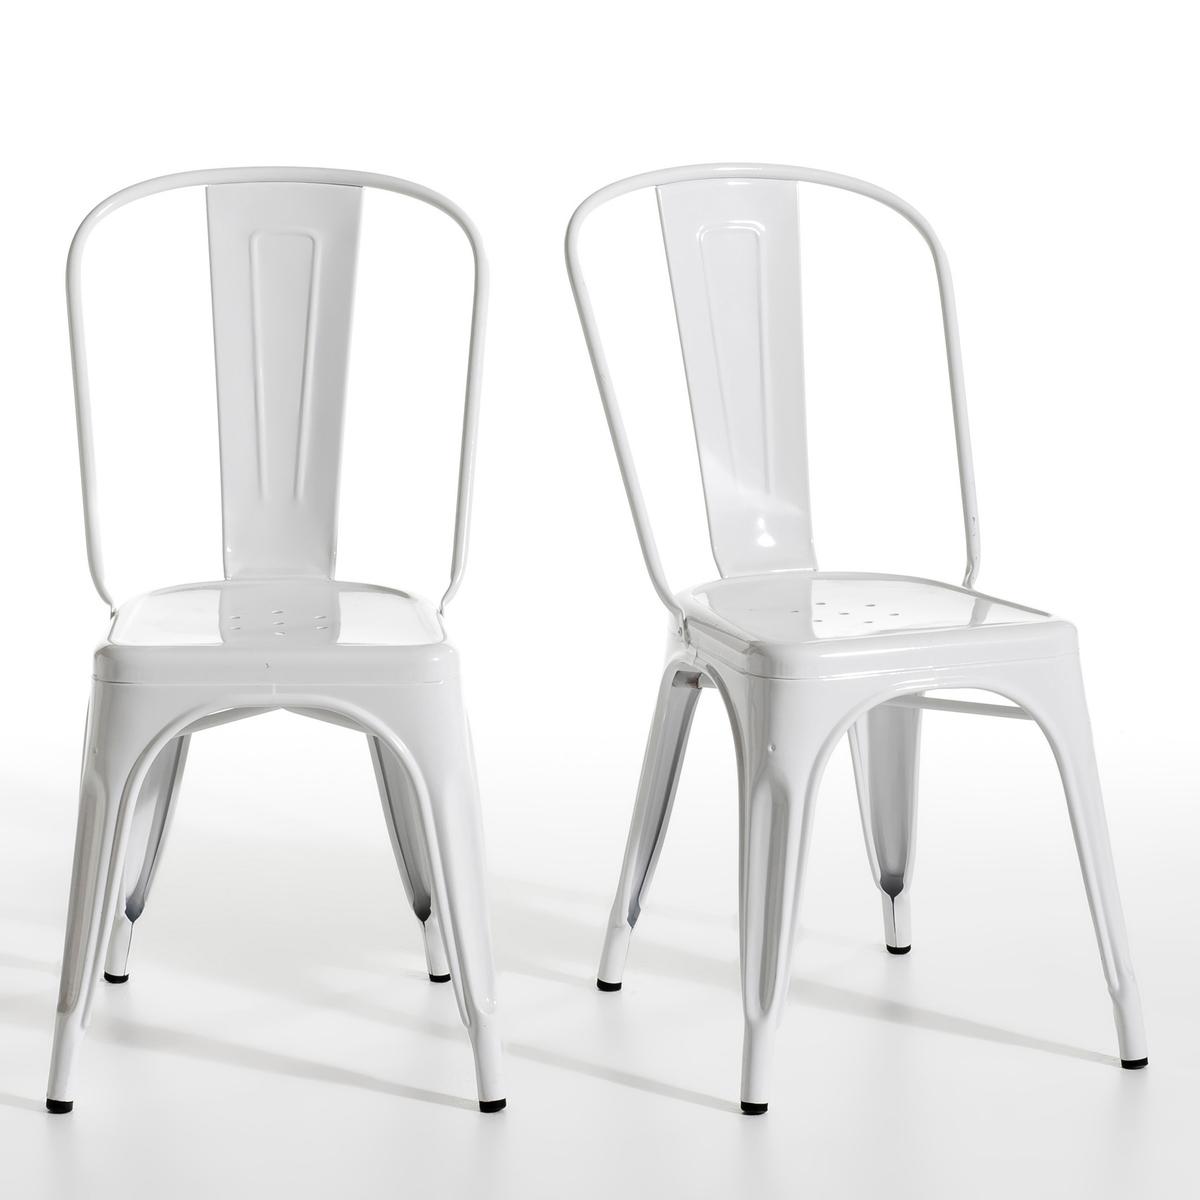 Комплект из 2 стульев Tolix штора bartica quelle quelle 770777 2 в ш 175x140 см